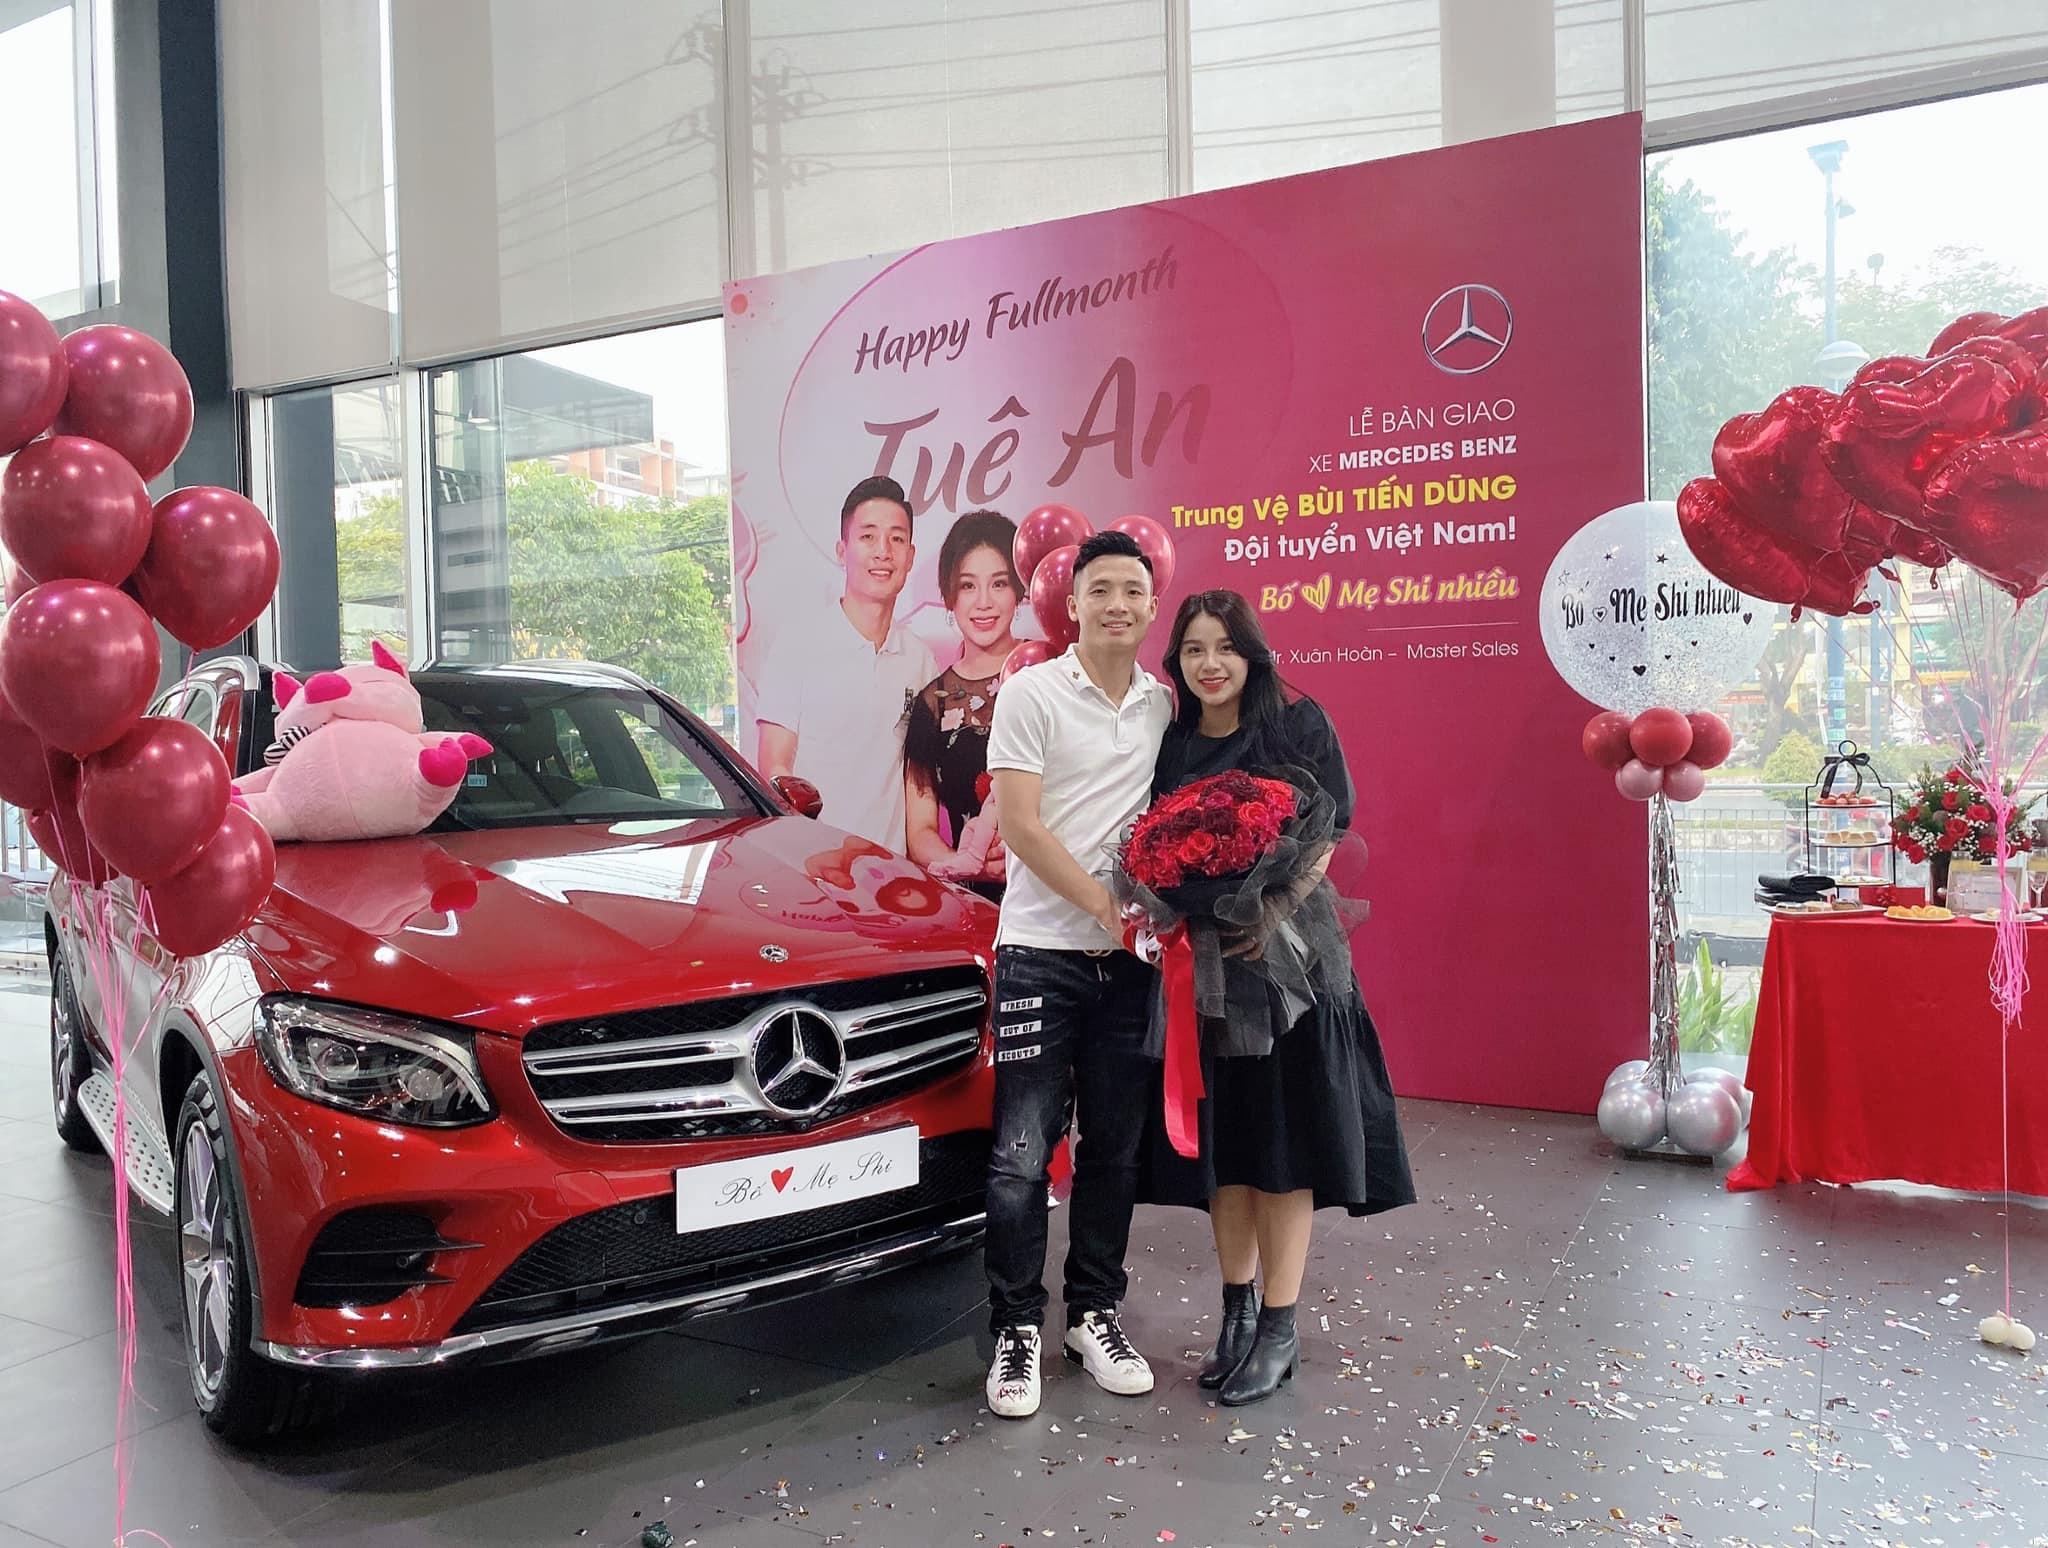 Trung vệ Bùi Tiến Dũng 'mạnh tay' chi 2 tỷ mua Mercedes tặng vợ: 'Thấy em vui vẻ là điều tuyệt vời nhất rồi' 0